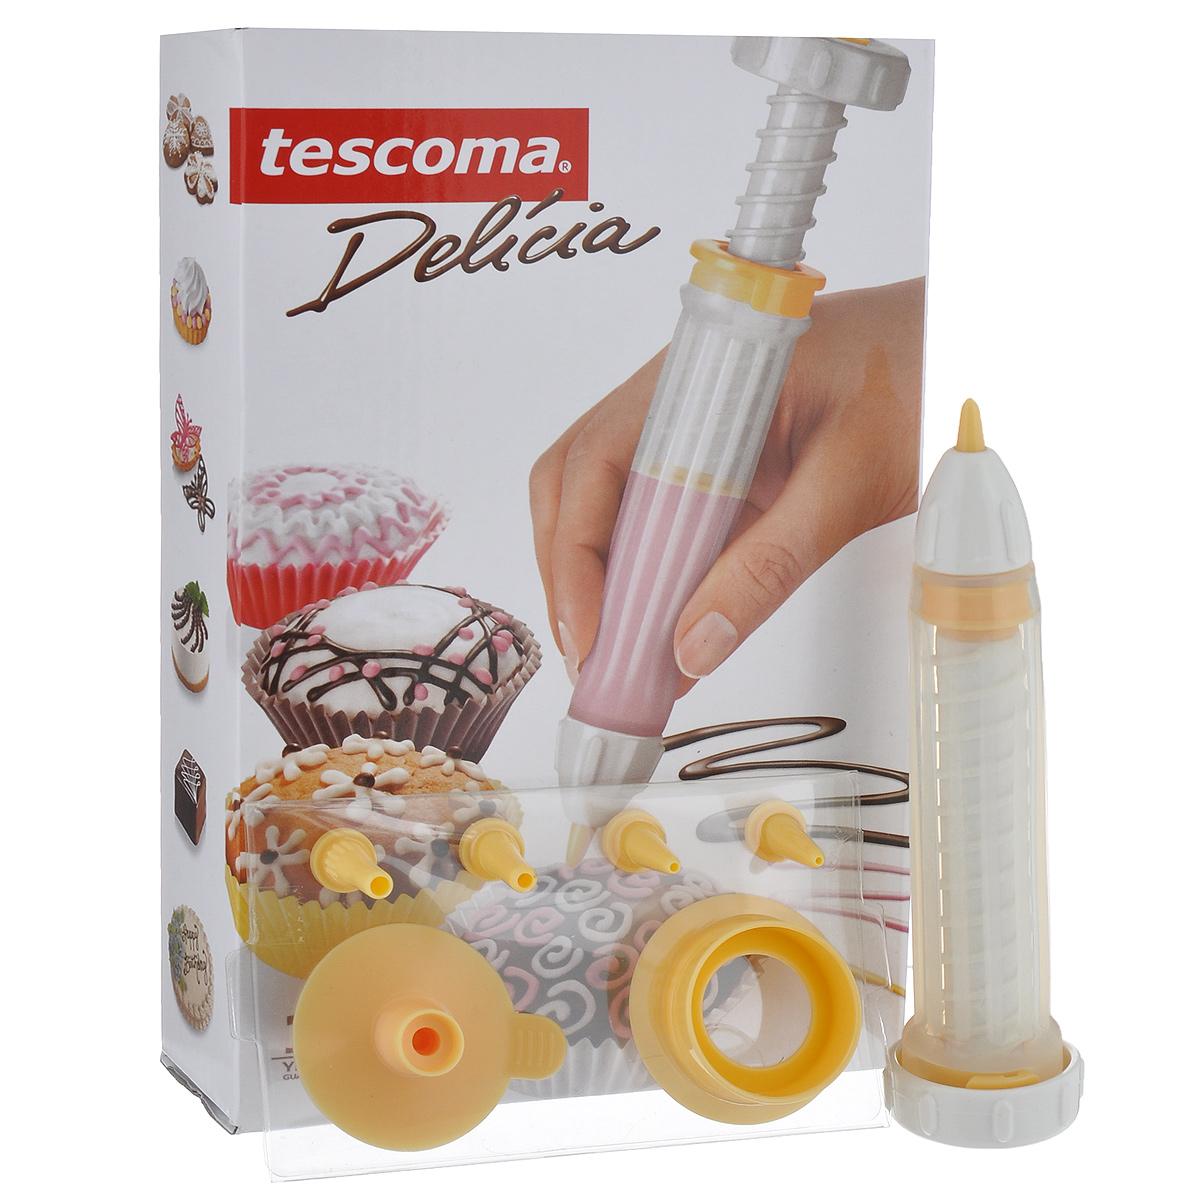 Кондитерский карандаш Tescoma Delicia630536Кондитерский карандаш Tescoma Delicia отлично подходит для украшения сладких и соленых блюд. С двумя насадками для обычного и очень тонкого украшения, воронкой для удобного наполнения, практичной крышкой для насадок и универсальным чистящим устройством. Карандаш изготовлен из высококачественного силикона и прочной пластмассы. Силиконовый корпус карандаша можно мыть в посудомоечной машине, пластиковые детали в посудомоечной машине мыть не стоит.